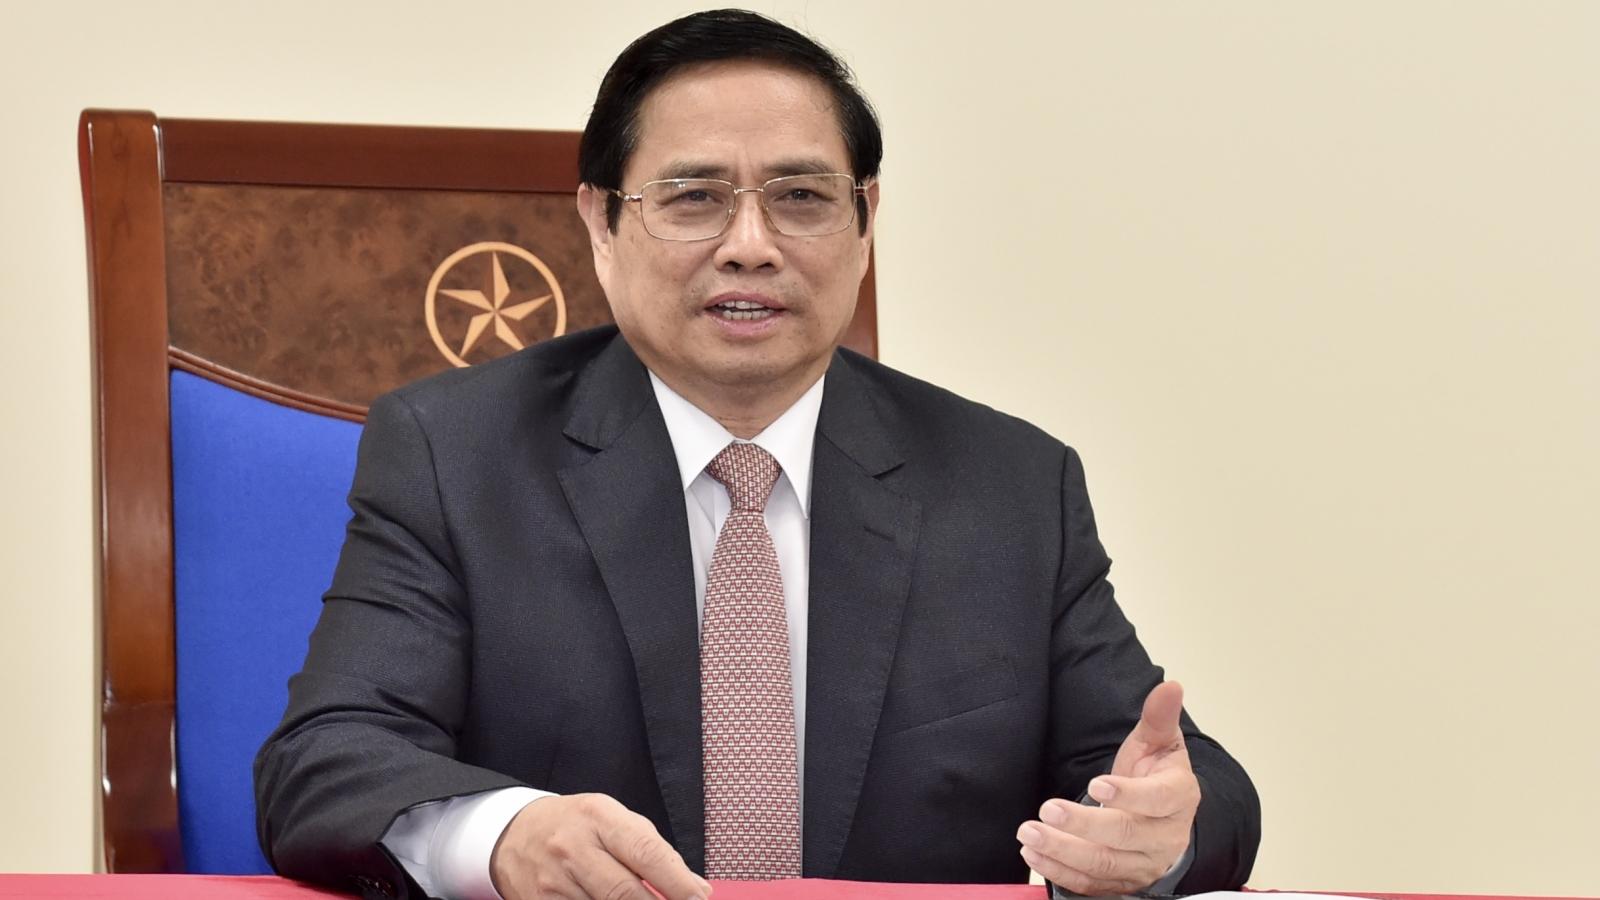 Thủ tướng điện đàm với Tổng giám đốc AstraZeneca, thúc đẩy đưa vaccine về Việt Nam